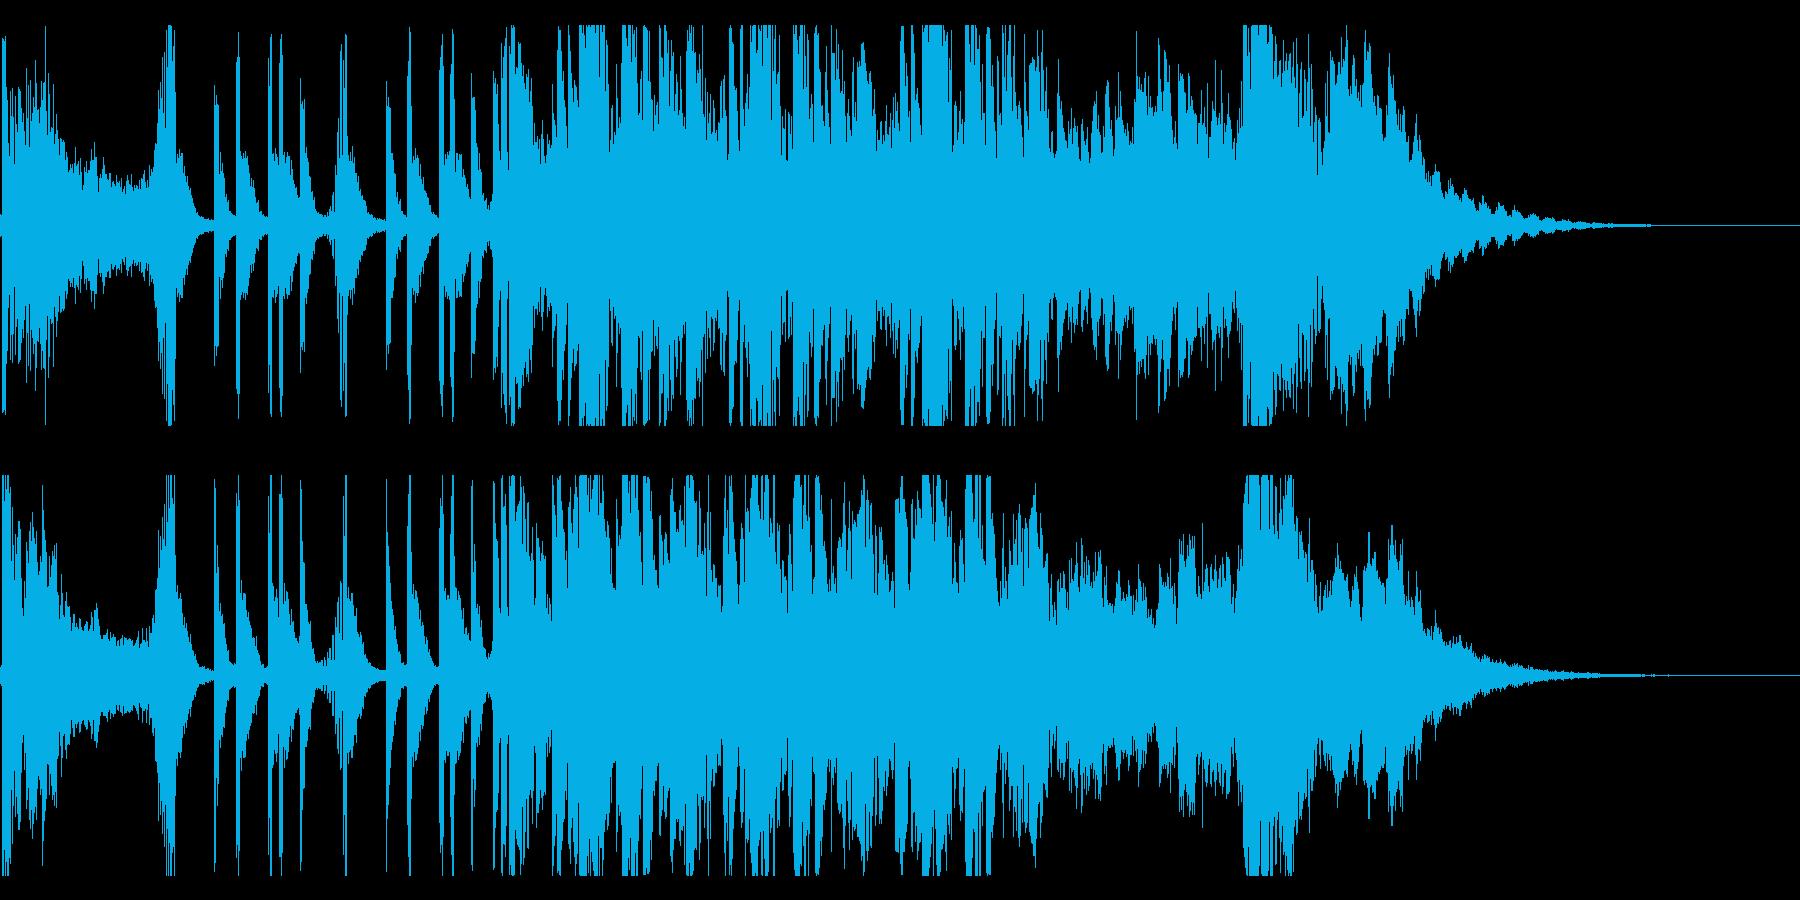 最先端なティーザー向きダークエレクトロの再生済みの波形